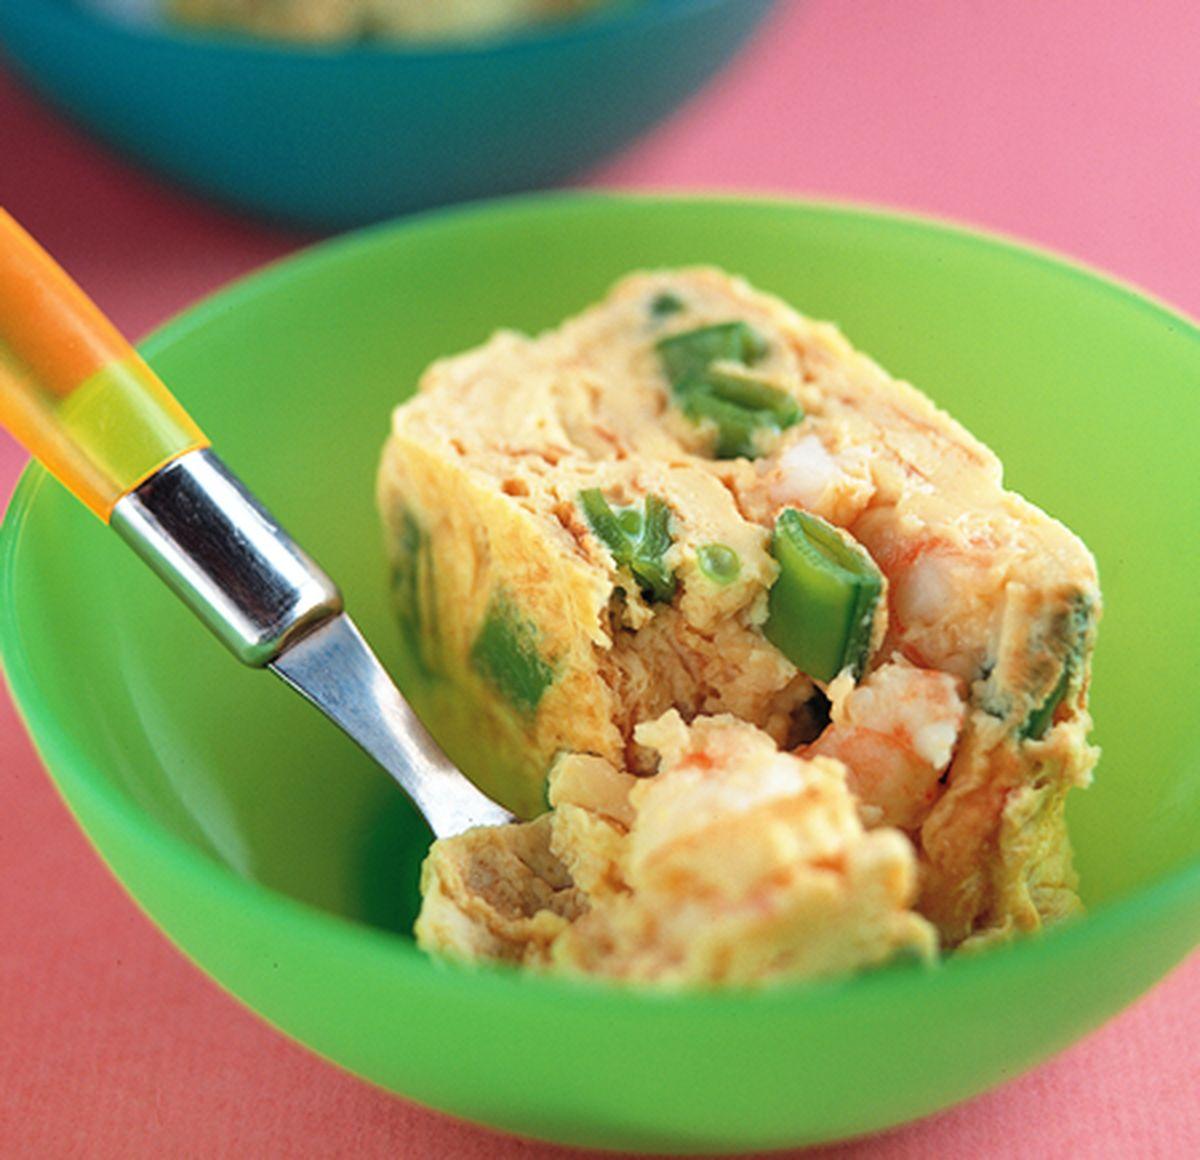 食譜:鮮蝦風味厚蛋煎